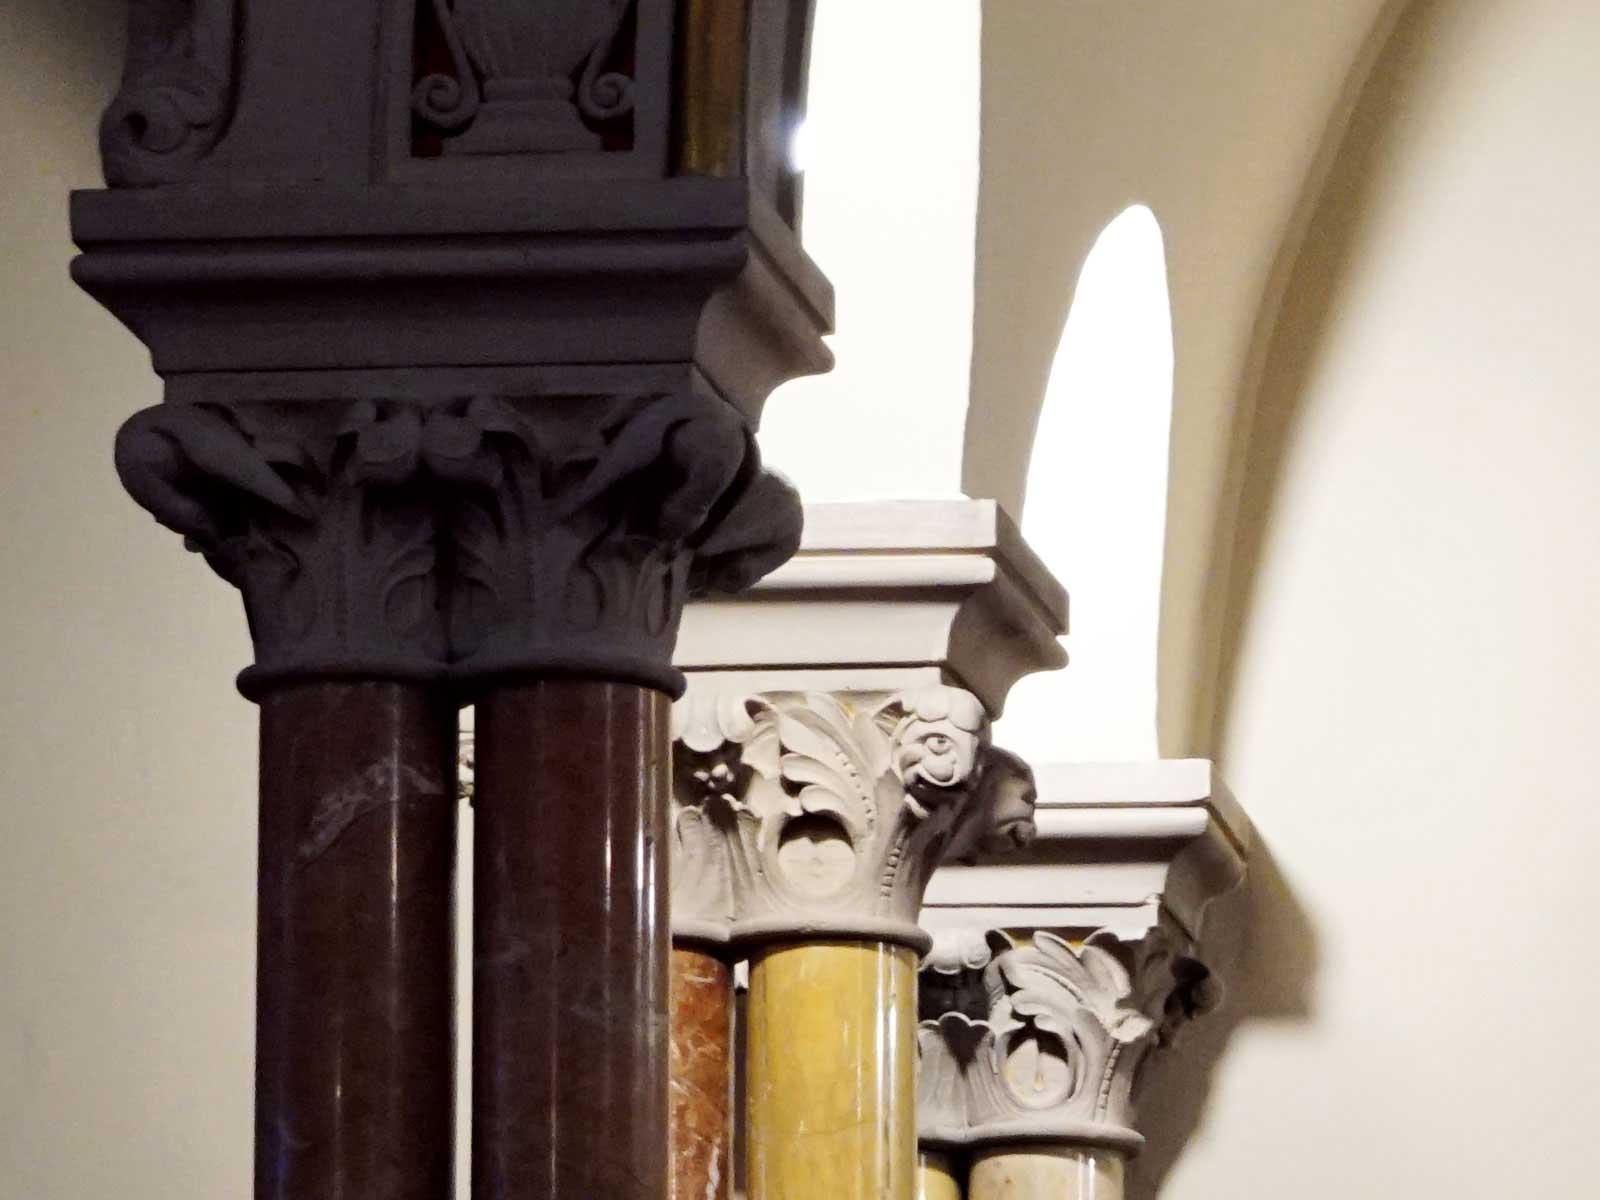 Seniorenzentrum-Bruder-Konrad-Stift-Mutterhauskirche-Marienschwestern-Saeule